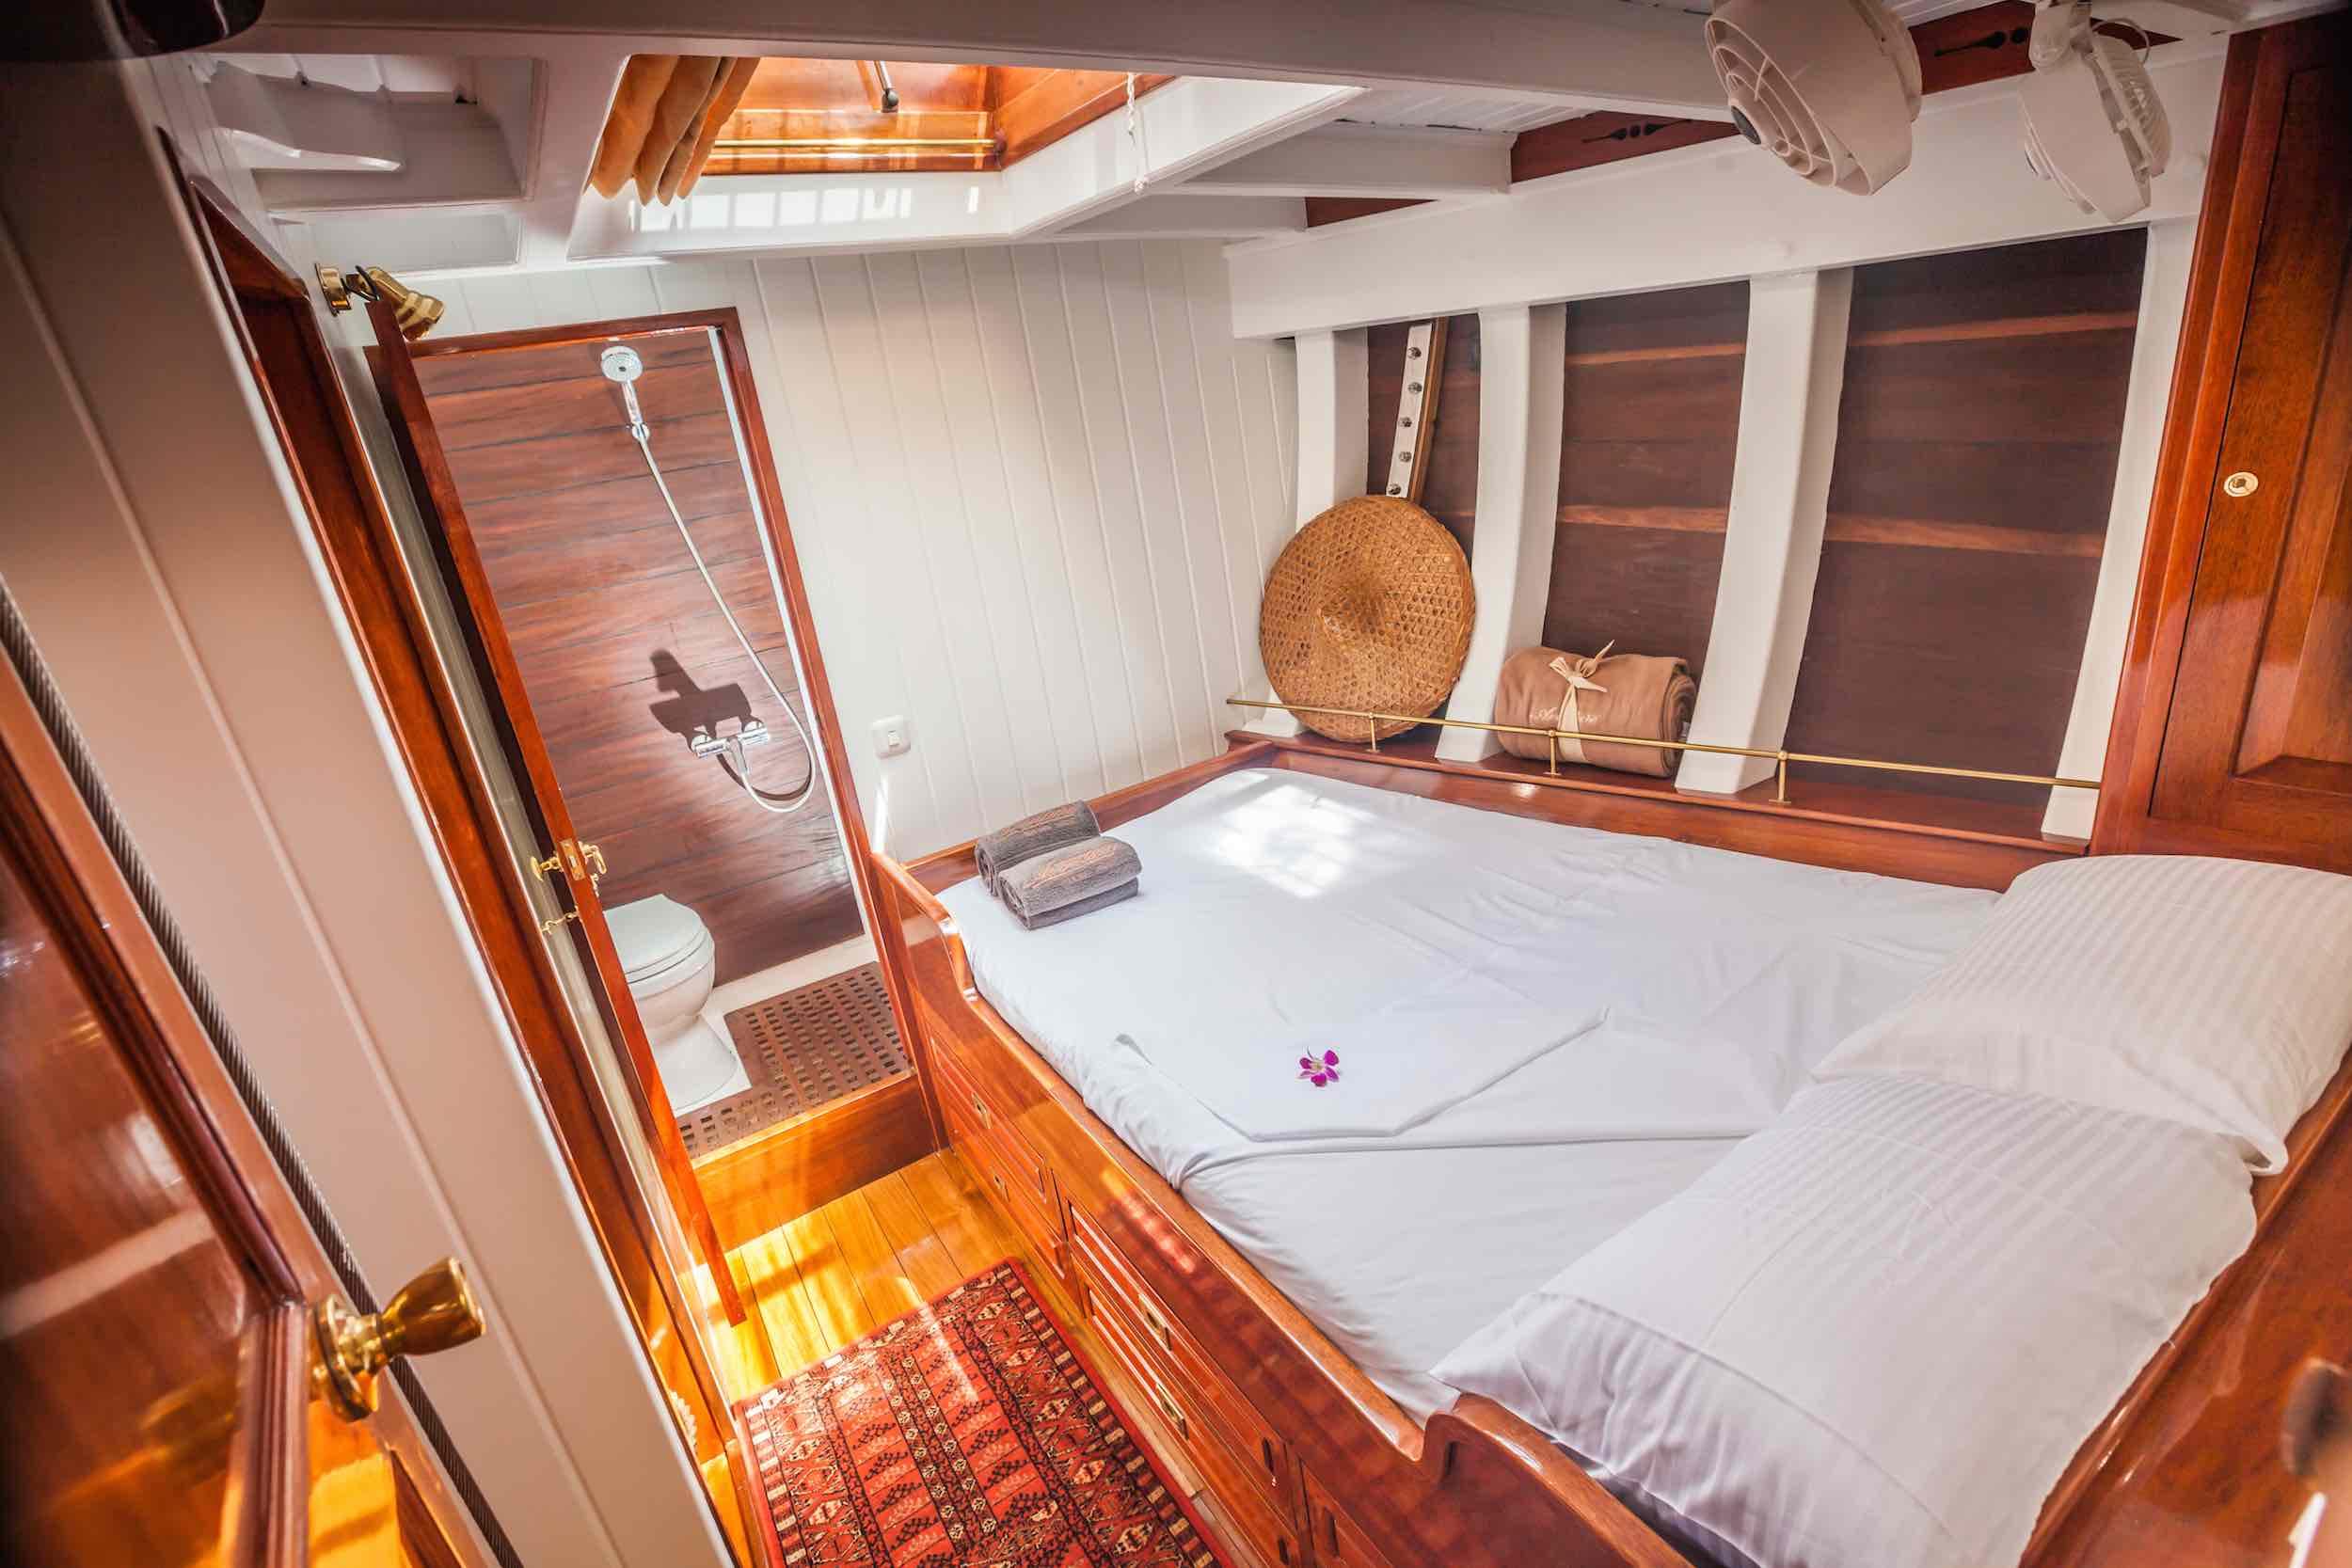 Cabin charter yacht sail boat mergui burma beaches.jpeg